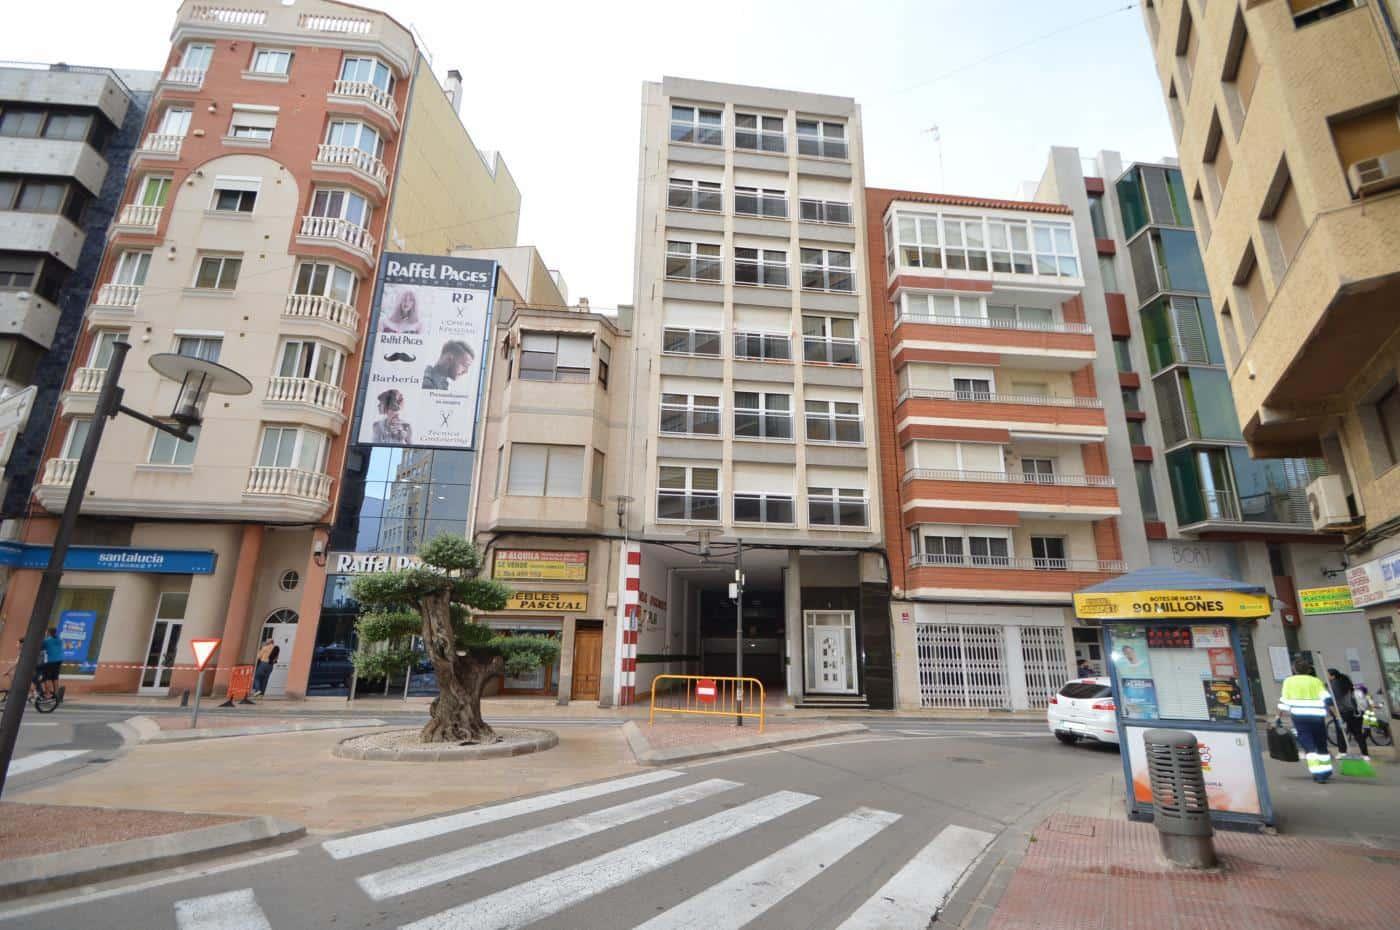 Entreprise à vendre à Vinaros - 15 000 € (Ref: 5229039)